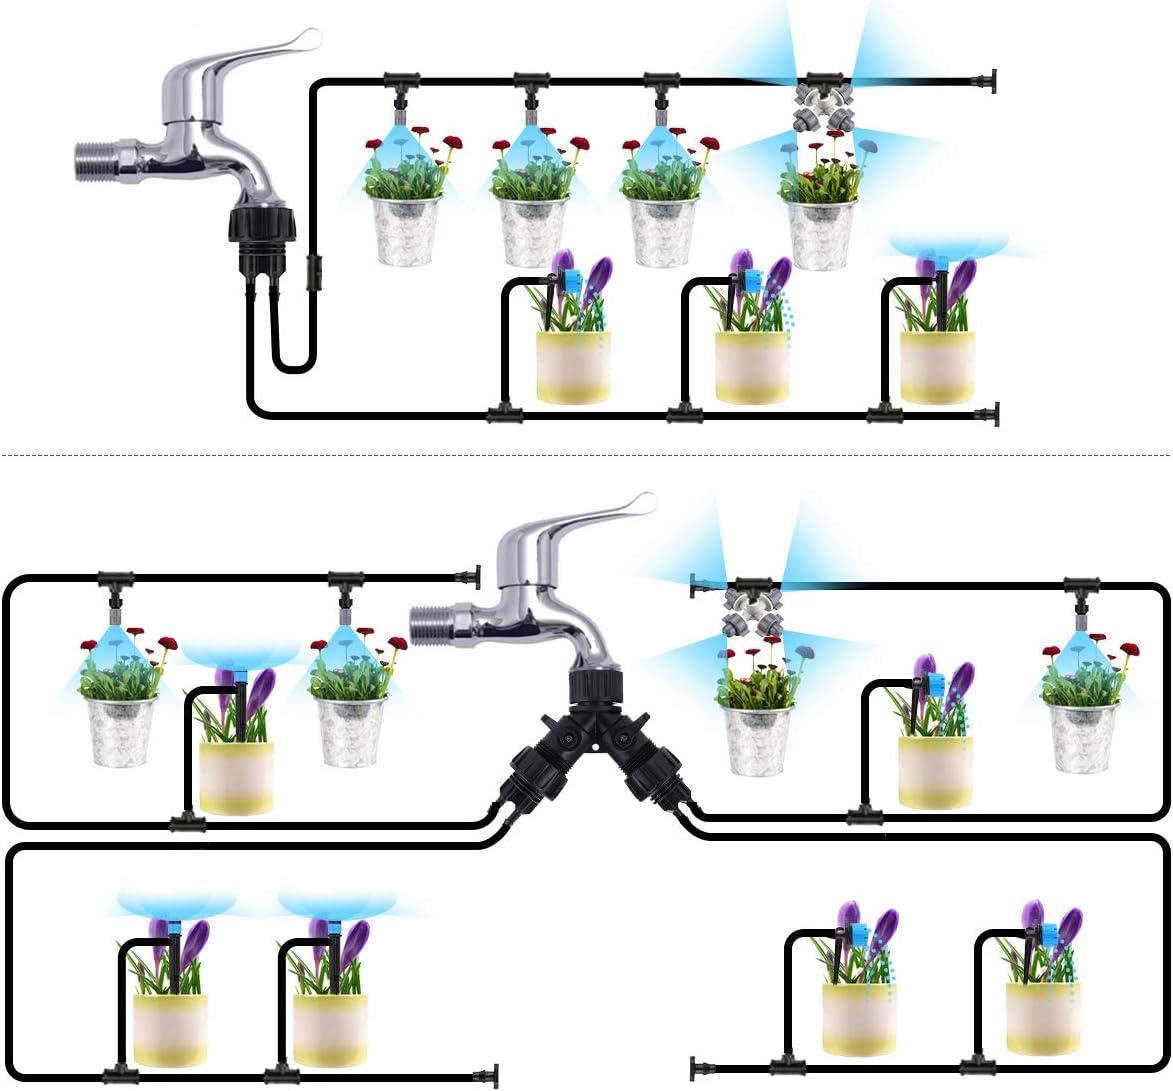 Jeteven 40M Bew/ässerungssystem,Automatik Mikro Bew/ässerungssets Pflanzen Tr/öpfchenbew/ässerung Gartenbew/ässerung Bew/ässerungsger/ät Misting K/ühlsystem f/ür Garten Zimmerpflanzen Gew/ächsh/äuser Blumenbeete